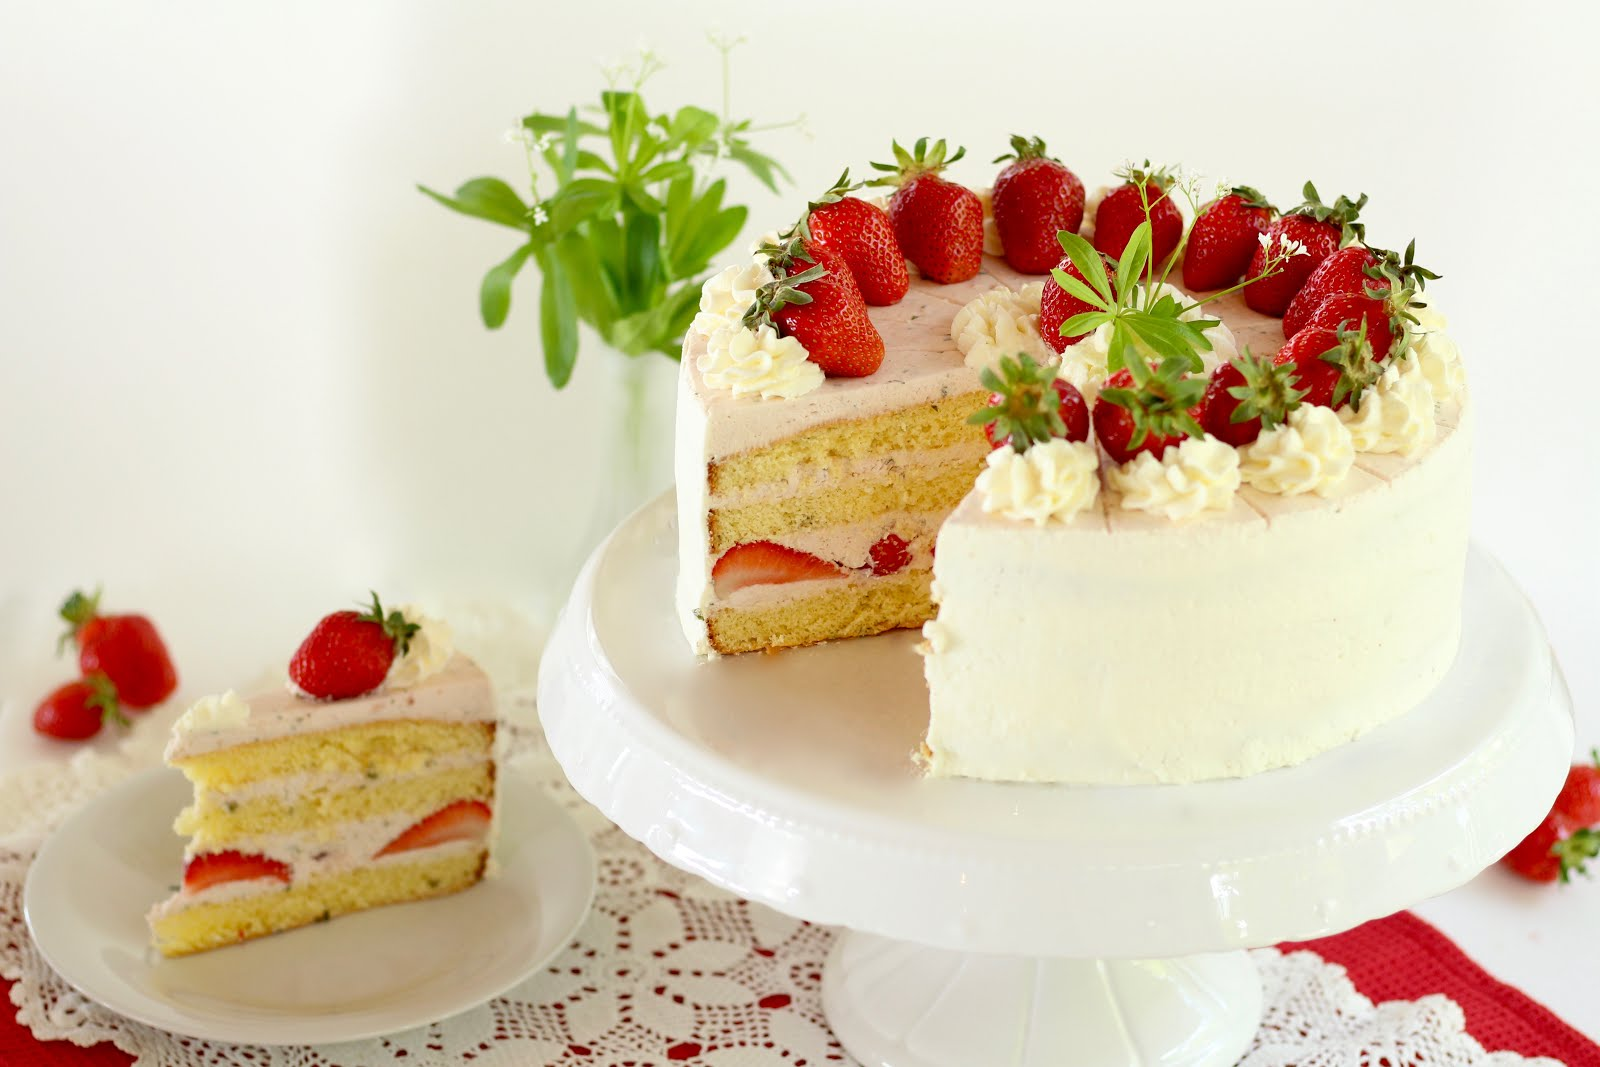 Erdbeer-Waldmeister-Torte | Rezept und Video von Sugarprincess